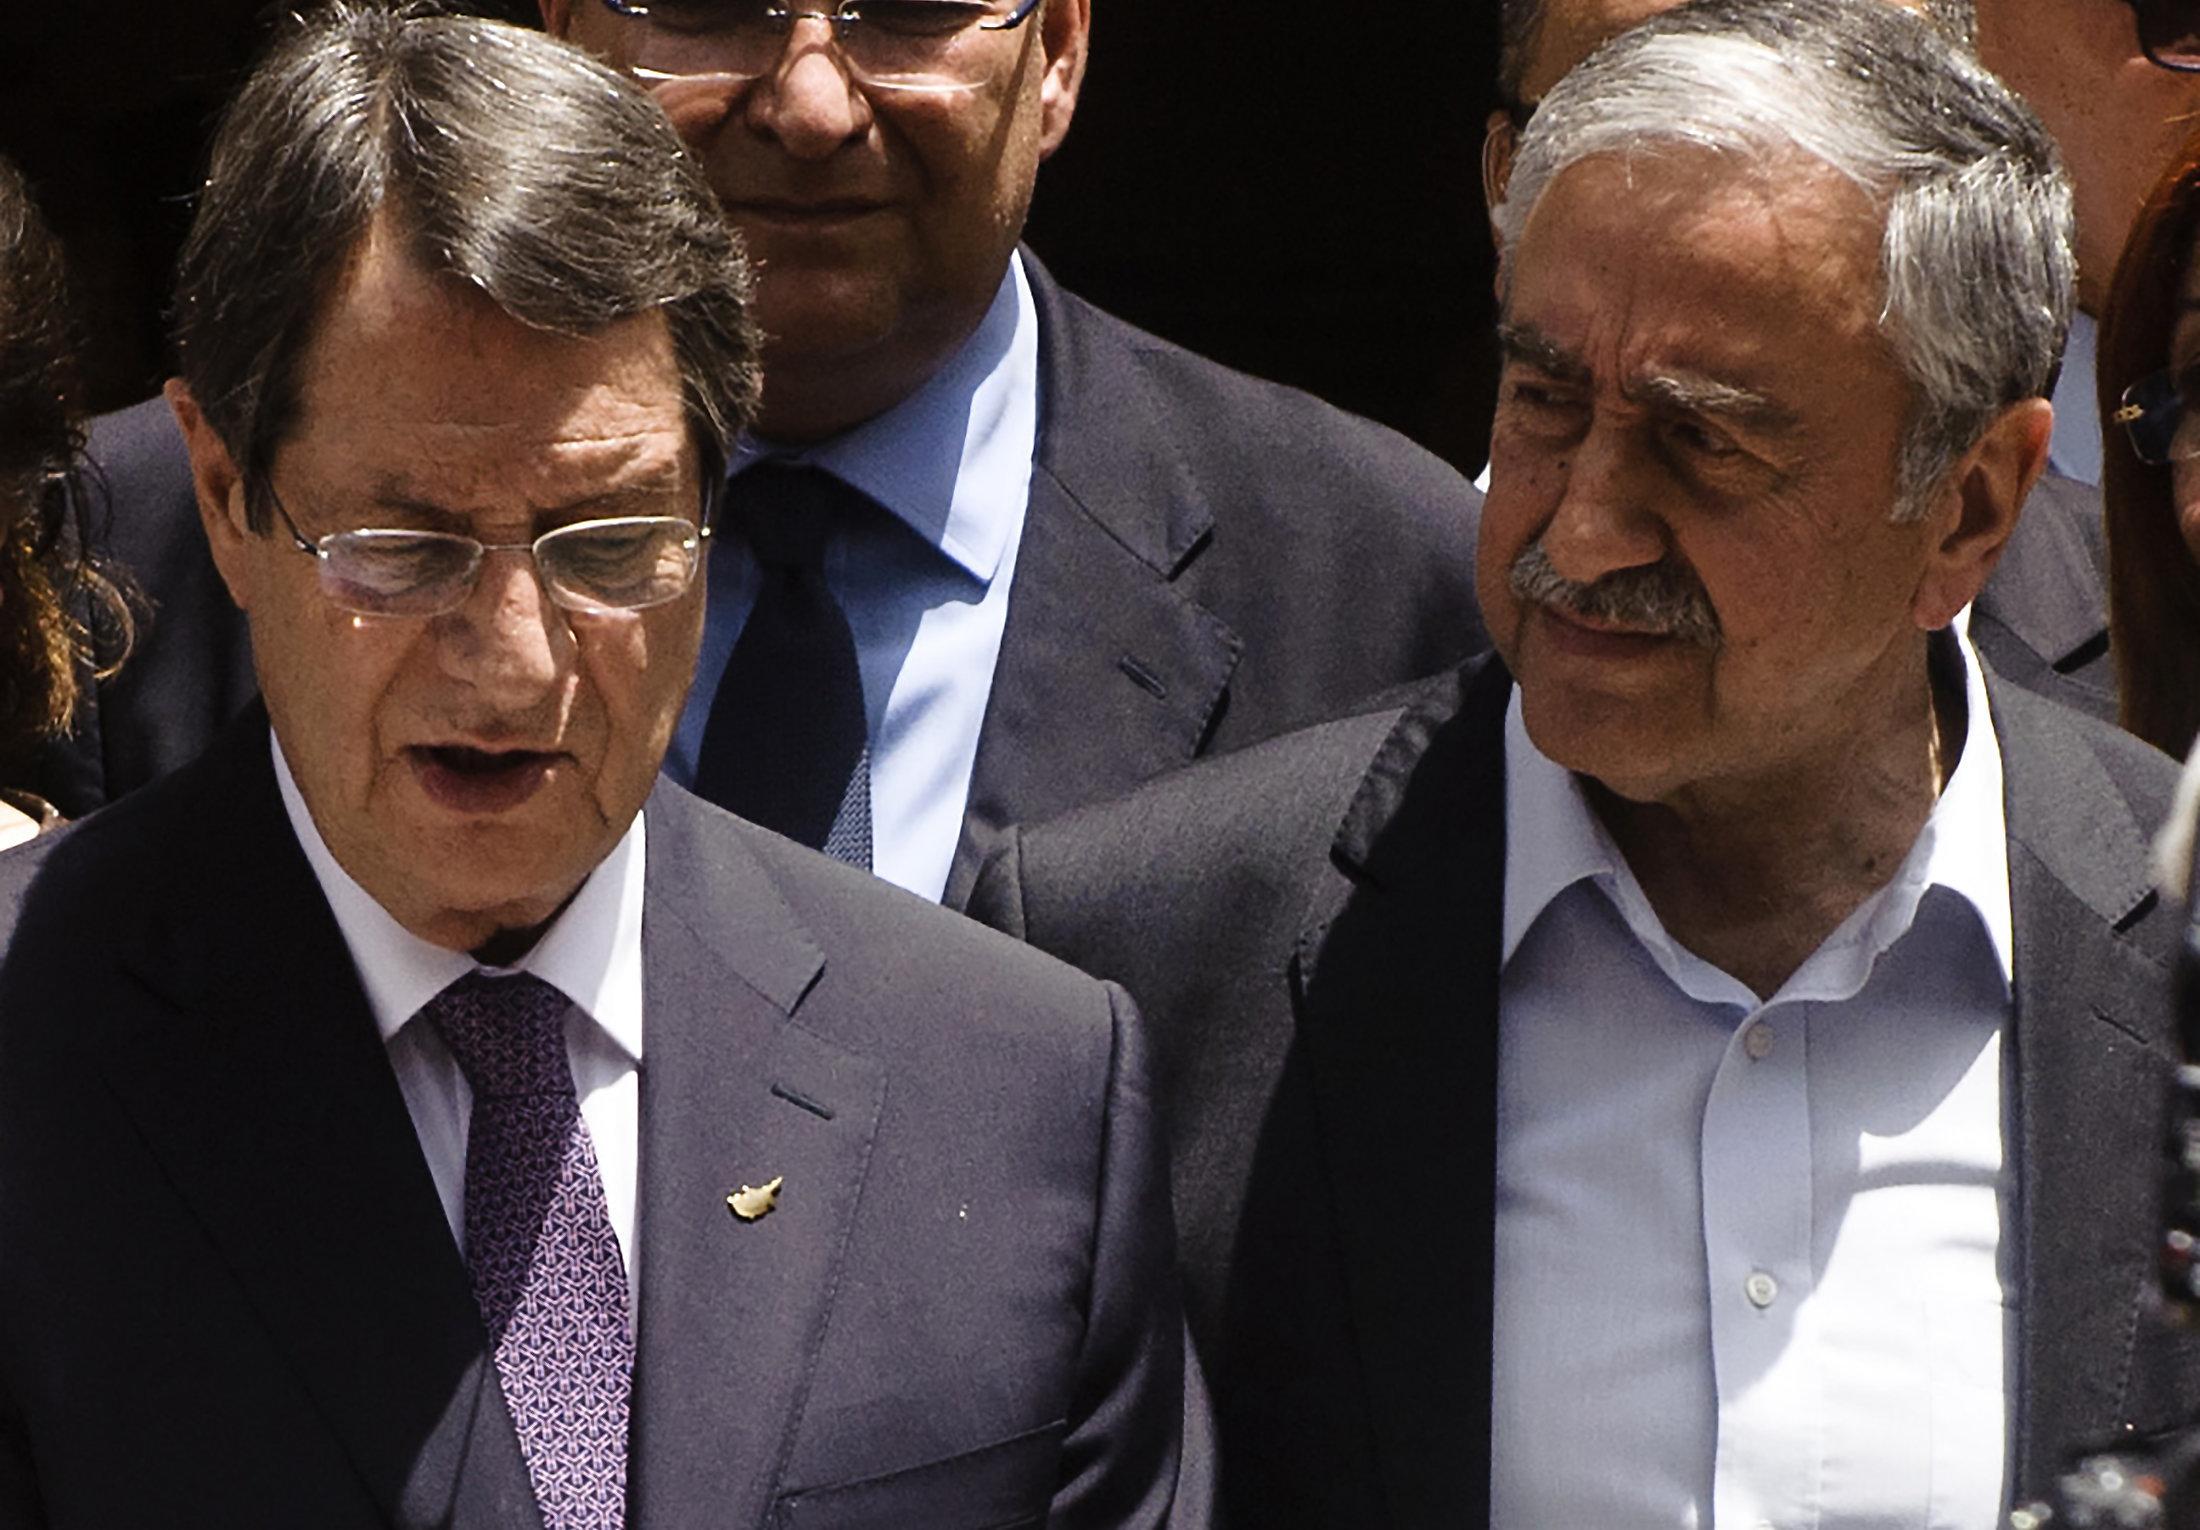 Αναστασιάδης και Ακιντζί διαπίστωσαν πως...διαφωνούν σχετικά με την επανεκκίνηση των